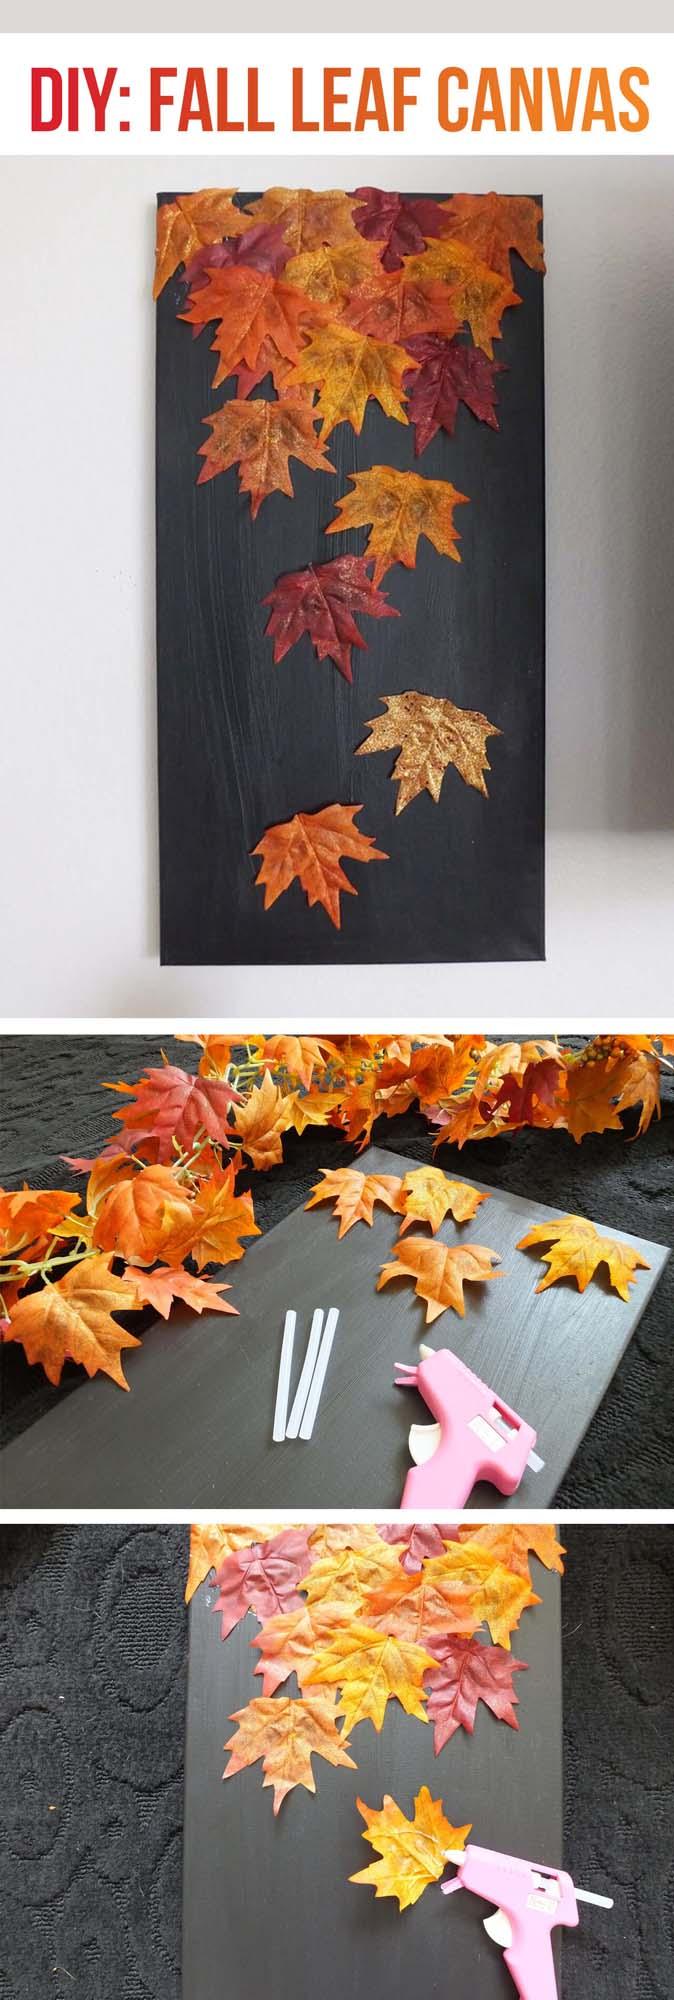 15. Fall Leaf Art for Instagram Backdrop #fall #leaf #crafts #decorhomeideas